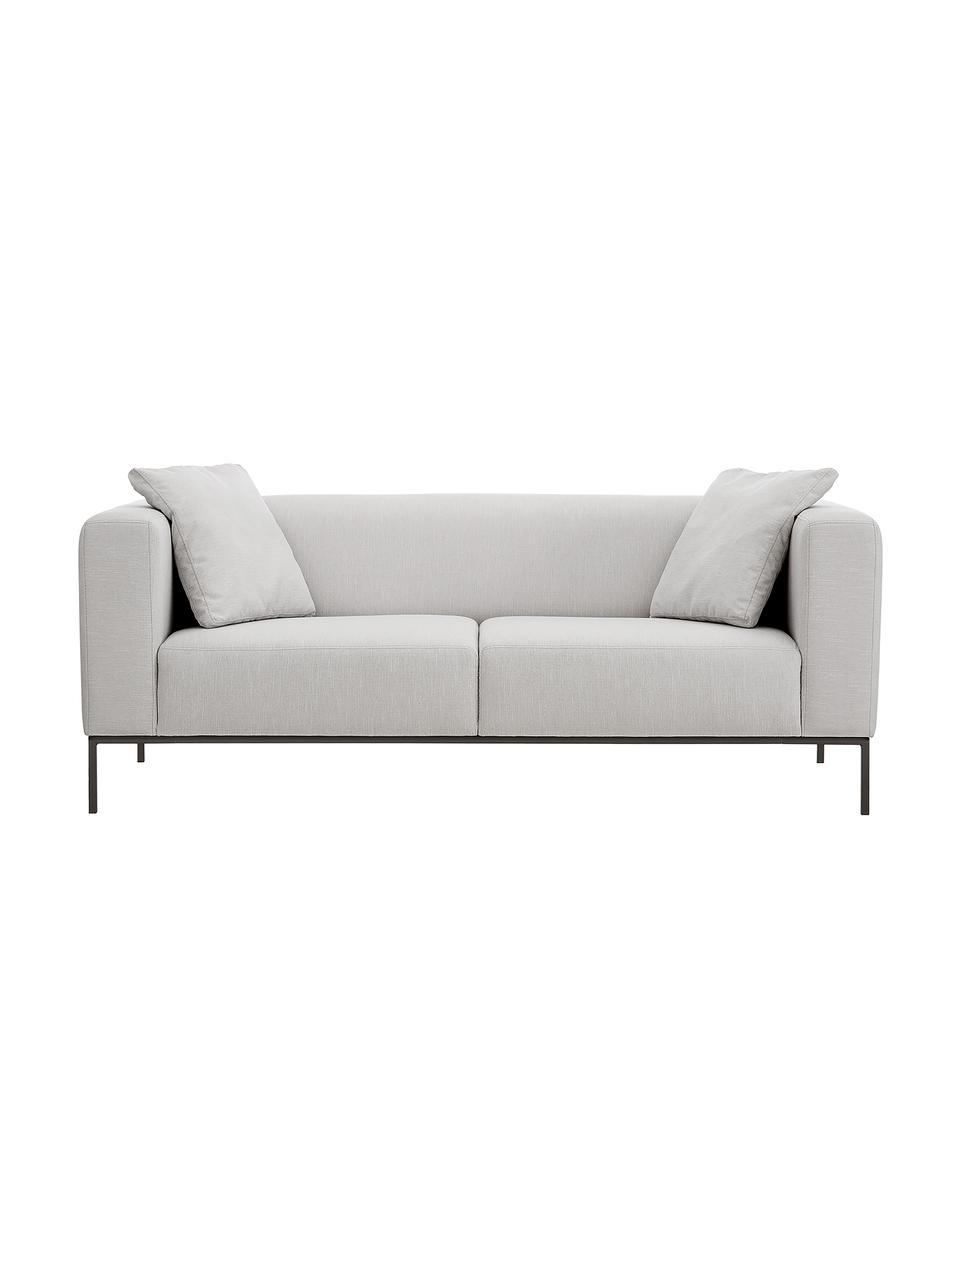 Bank Carrie (3-zits) in grijs met metalen poten, Bekleding: polyester, Frame: spaanplaat, hardboard, mu, Poten: gelakt metaal, Geweven stof grijs, B 202 x D 86 cm